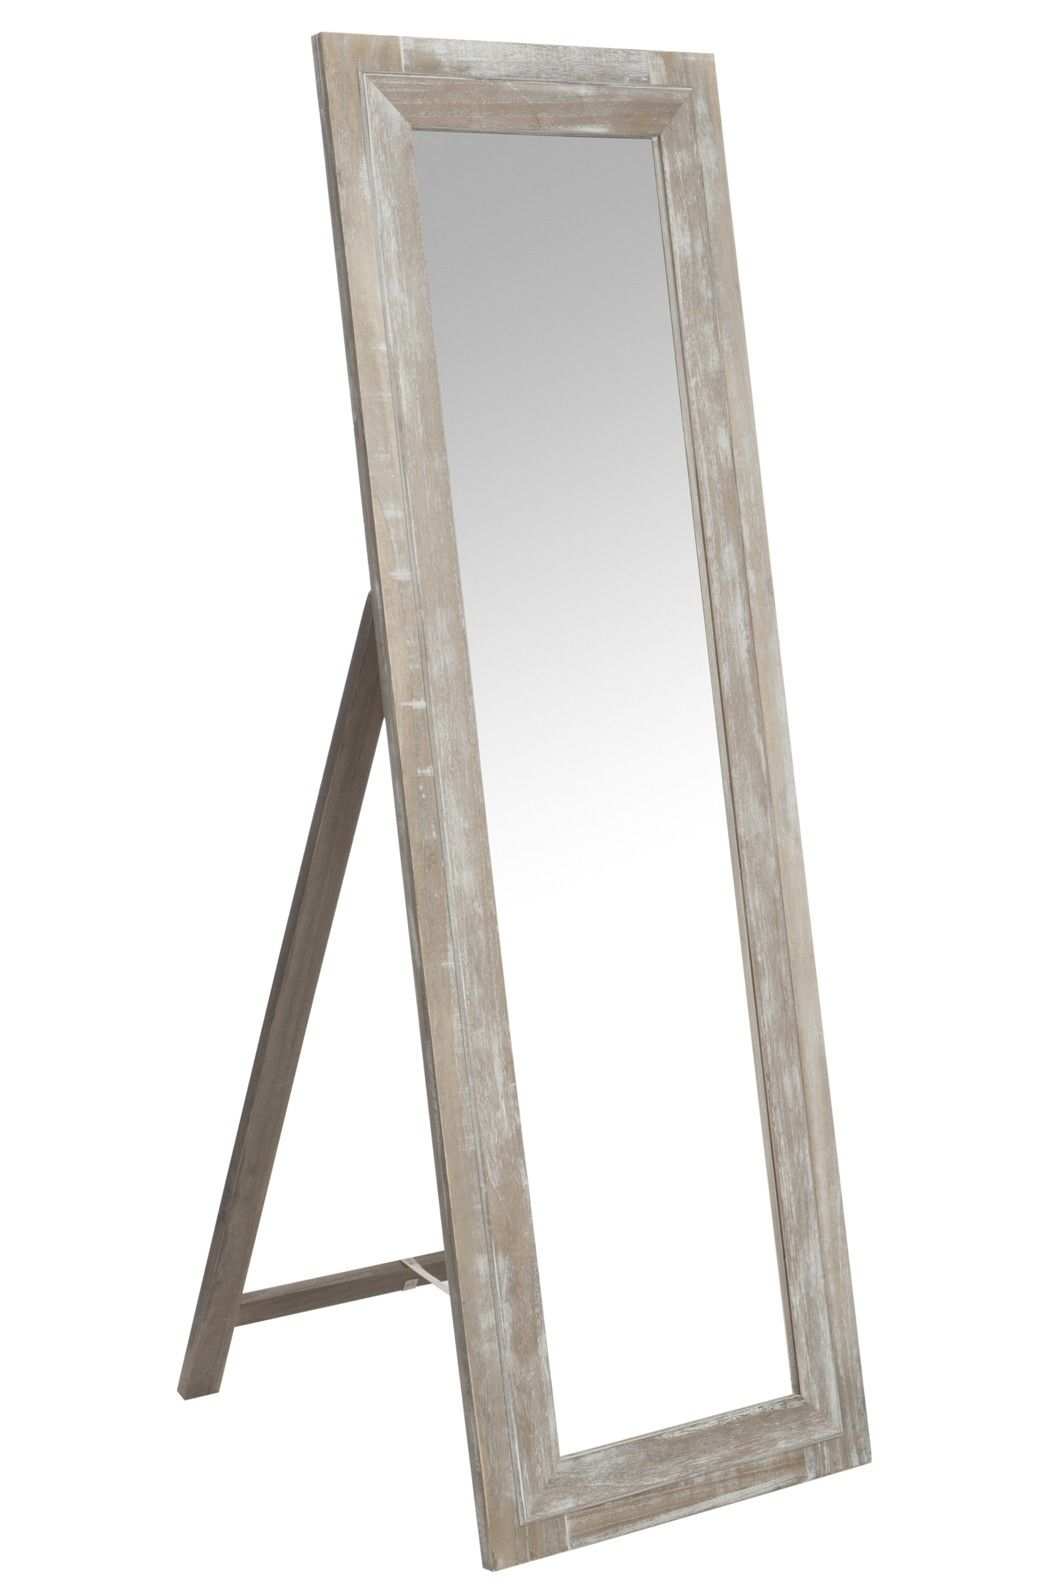 Miroir en bois rectangle sur pied 55x165cm | DECO - Miroir ...